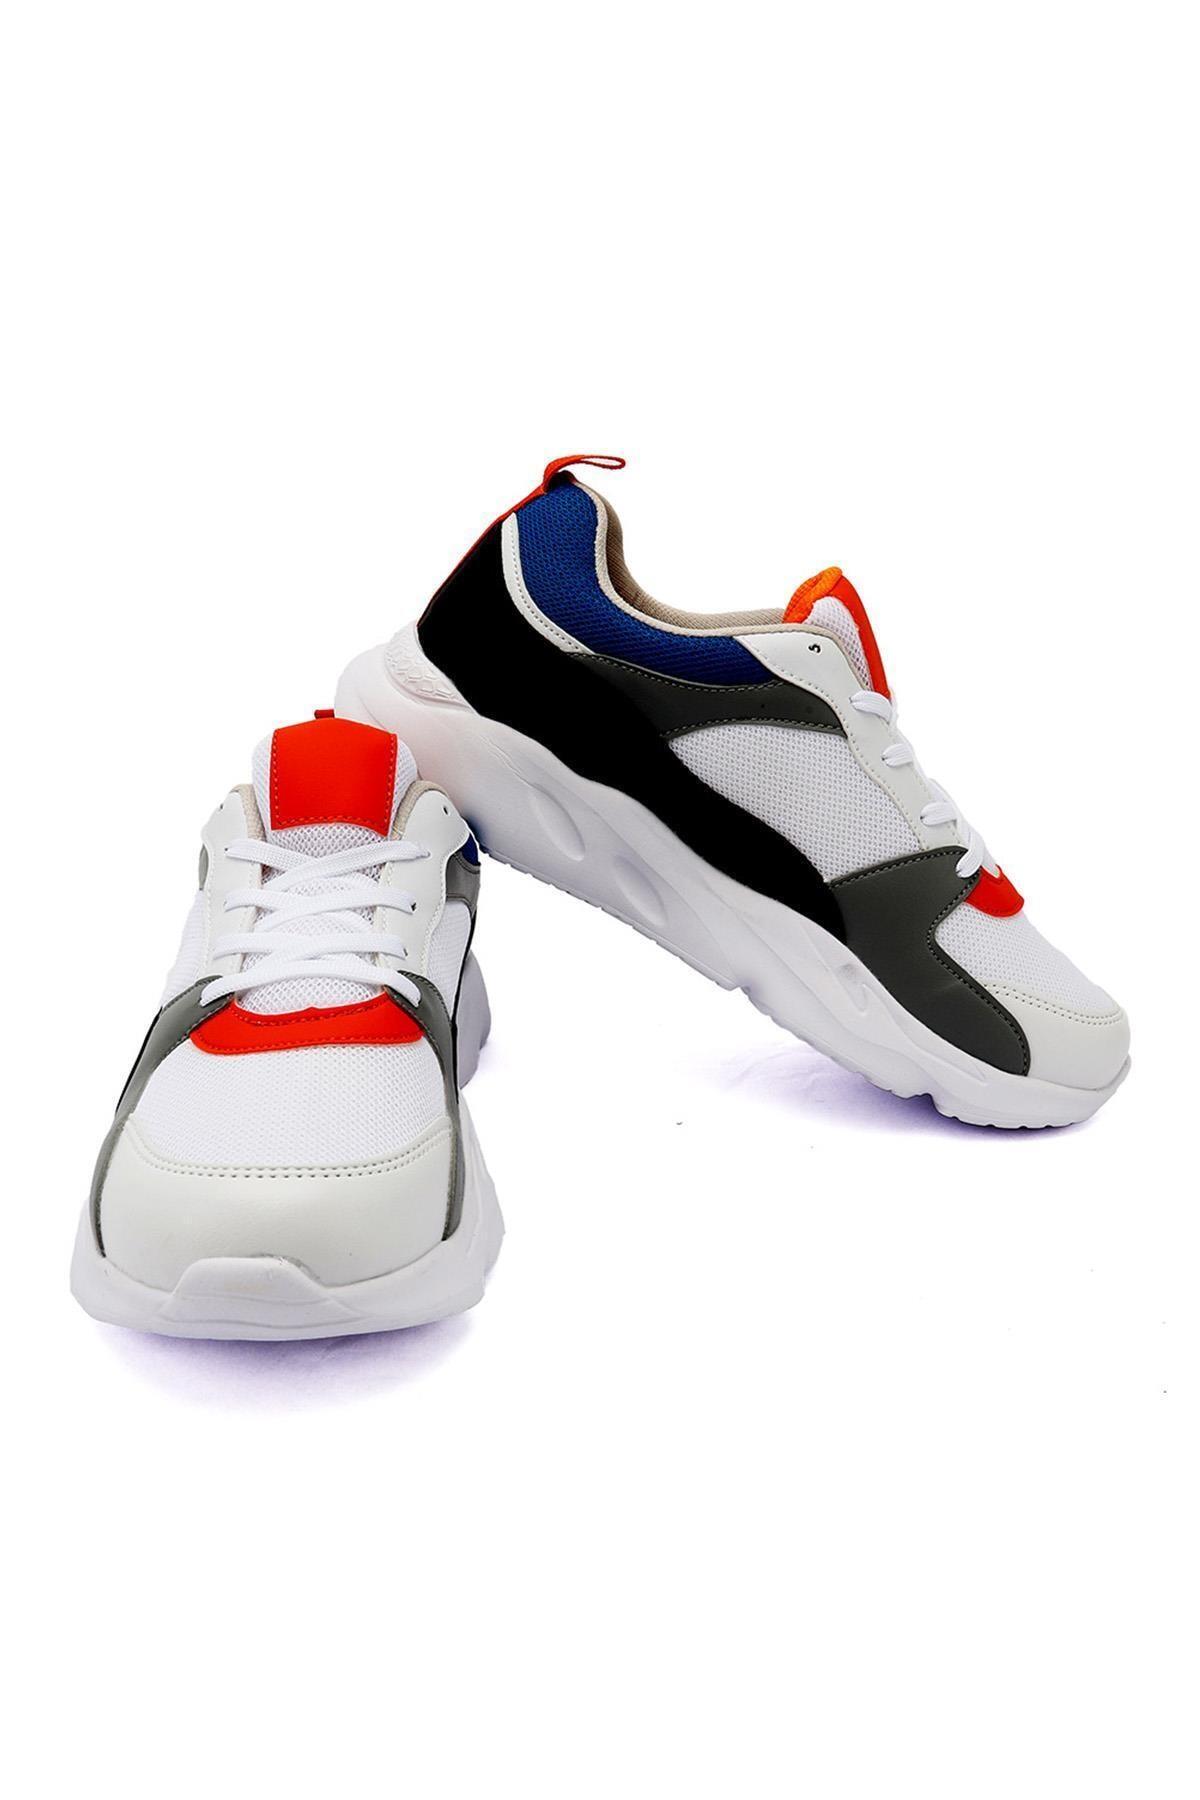 LETOON 2067 Erkek Spor Ayakkabı 1